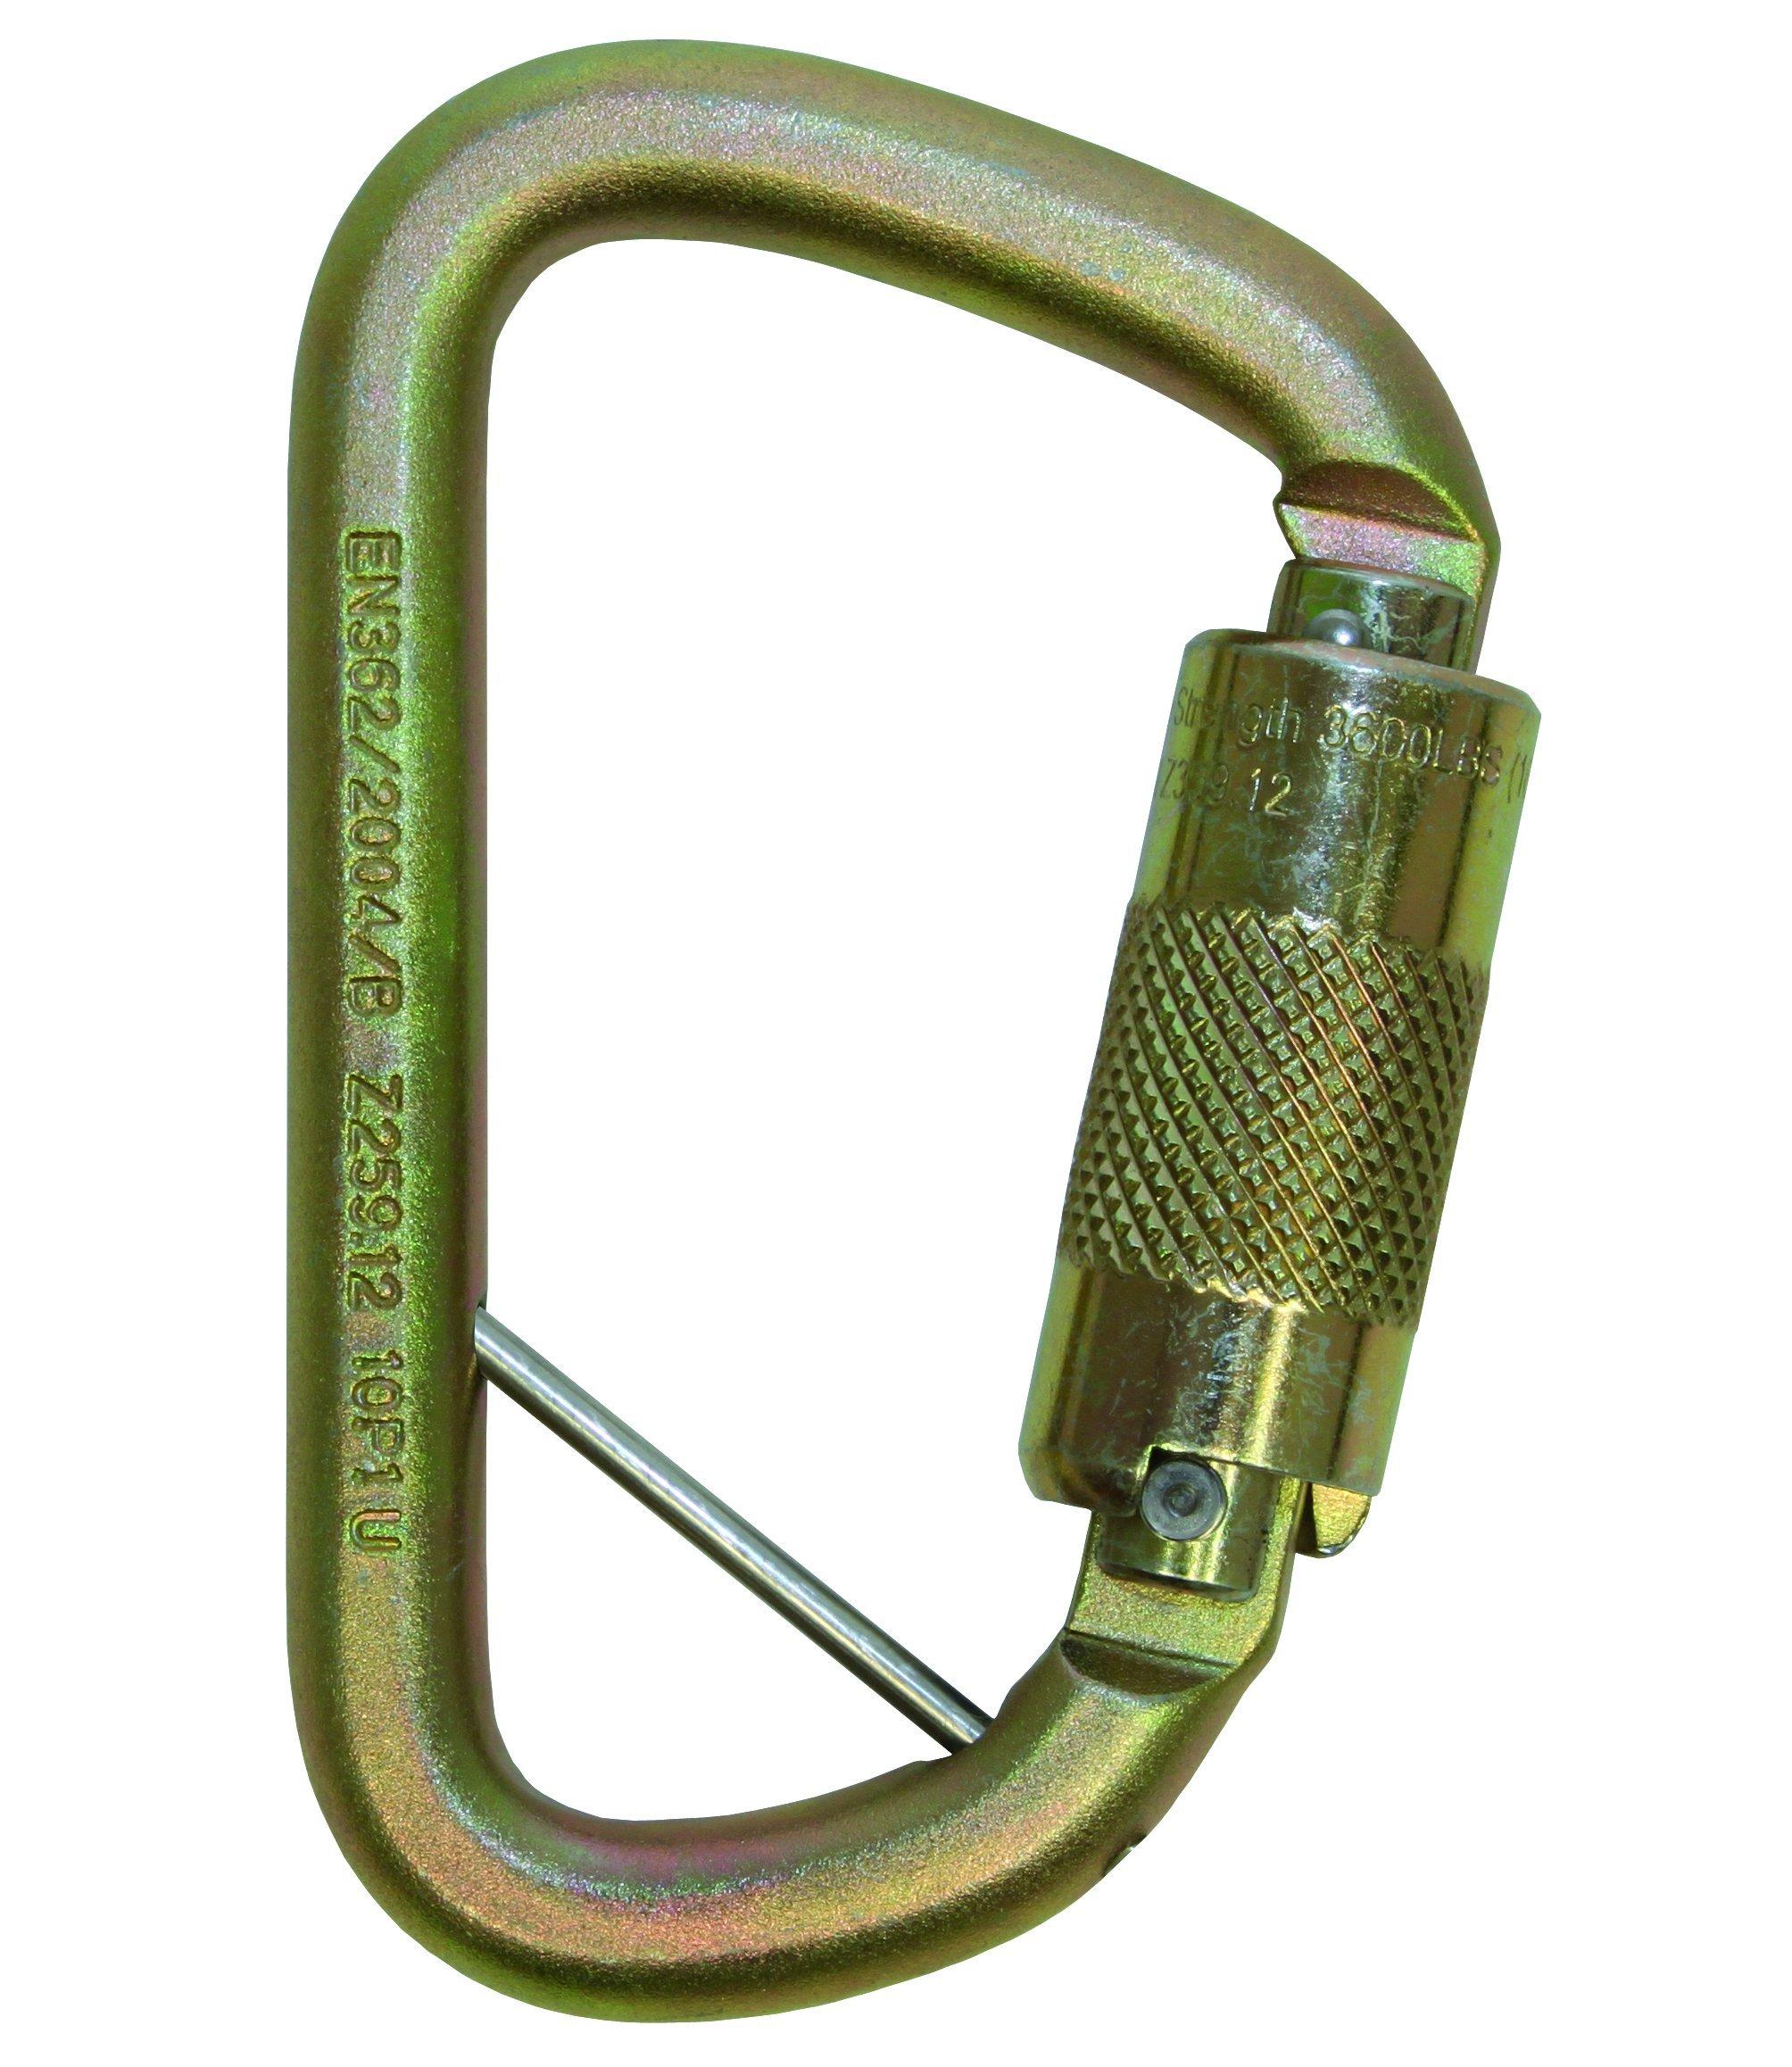 3M DBI-SALA Saflok 2000117 Carabiner, 11/16'' Gate Opening Steel, with Self Closing Locking Gate, Yellow-Zinc